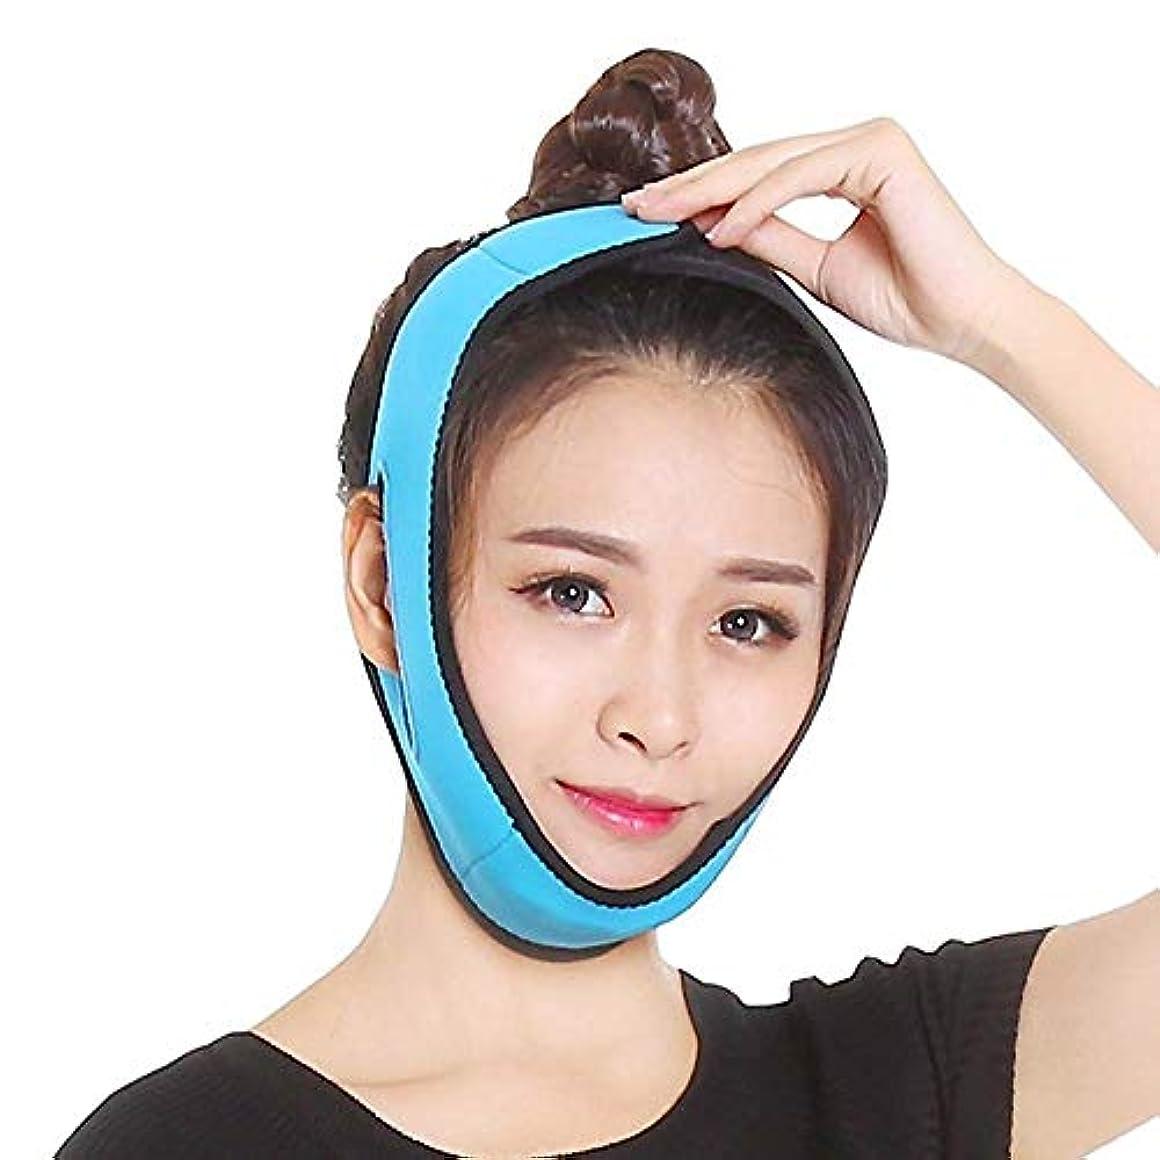 物足りない復活させるブラウンXHLMRMJ Thin Face Belt - 薄型フェイスツール薄型フェイスベルト通気性ラテックスマッサージVタイプフェイスアーティファクトフェイス薄型マスクフェイスリフティングベルト